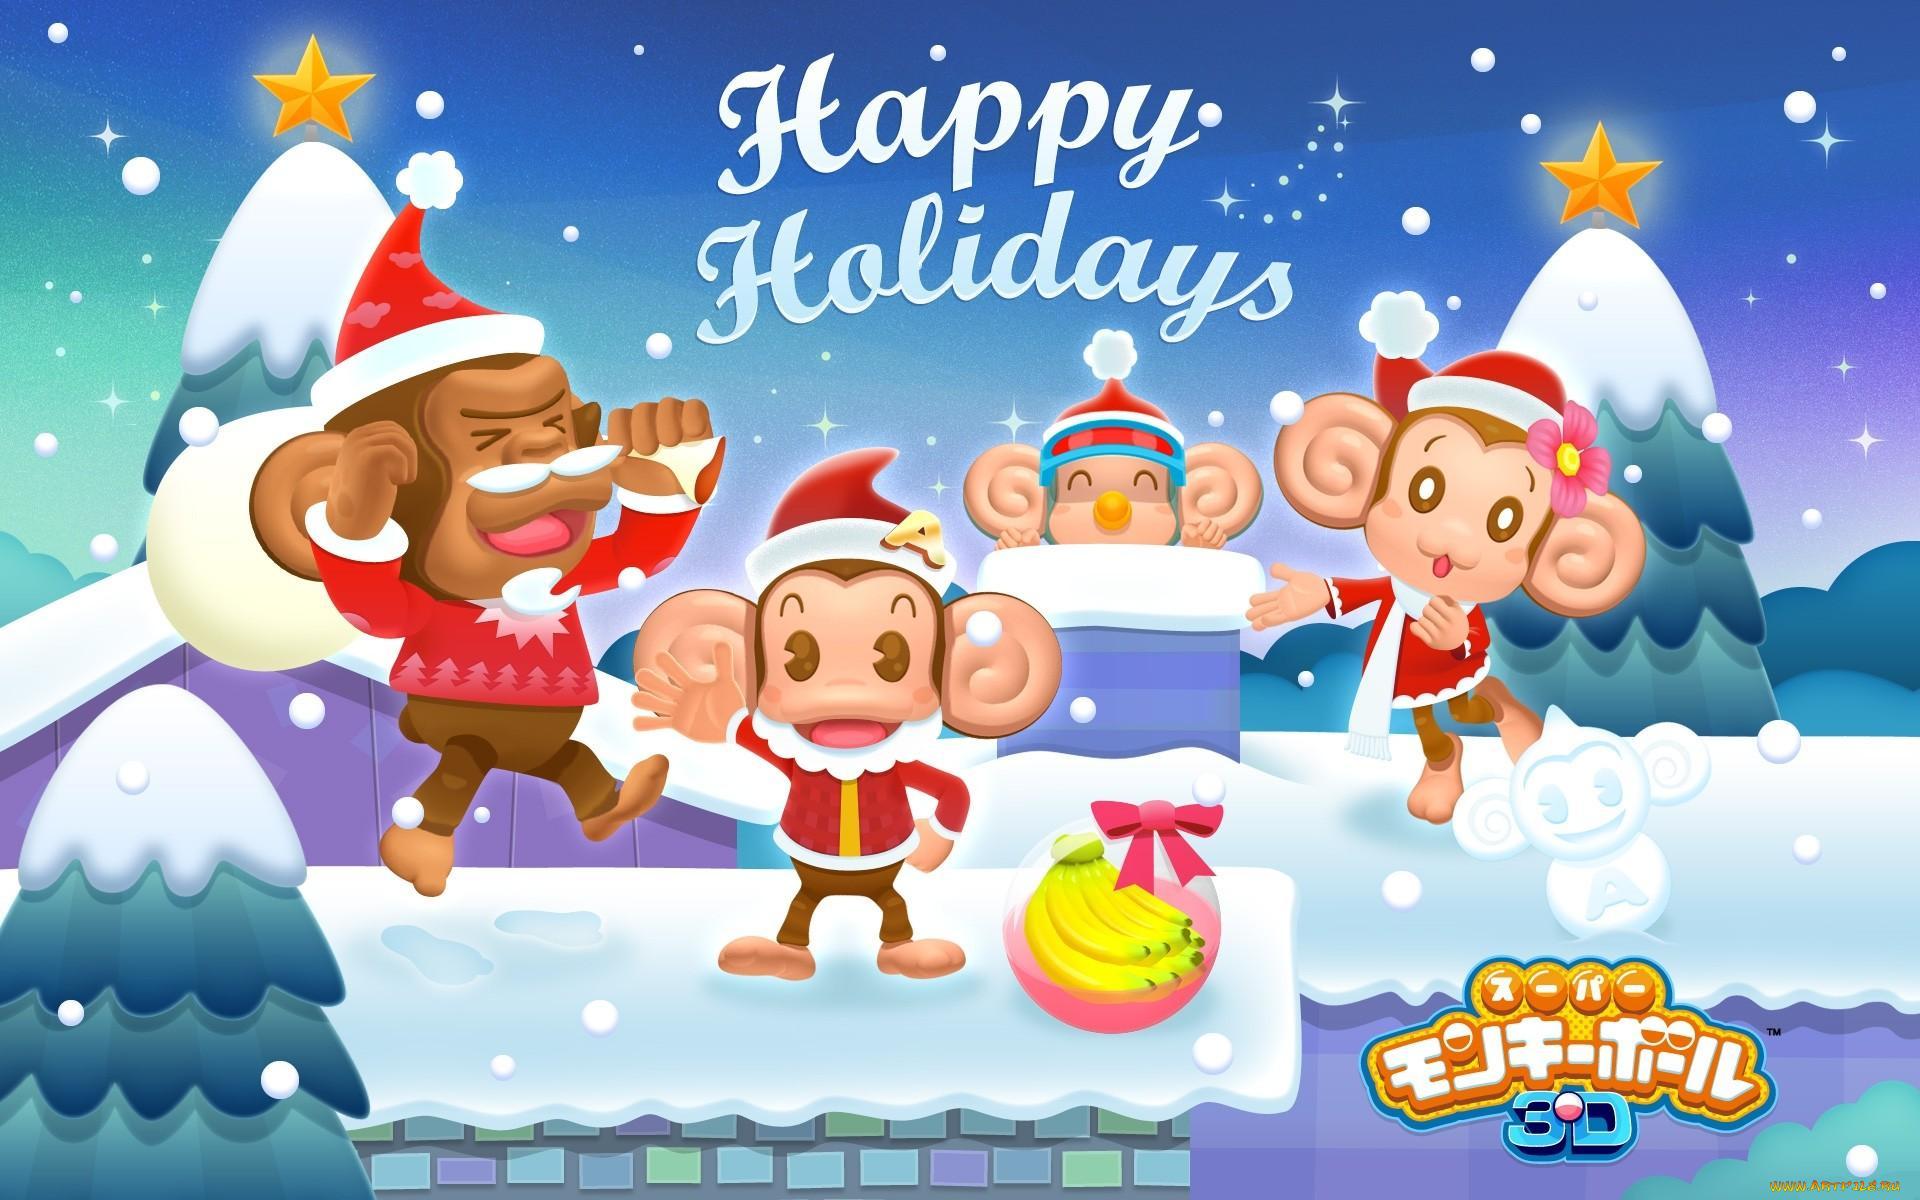 Прикольная обезьяна картинки к новому году, смешные день